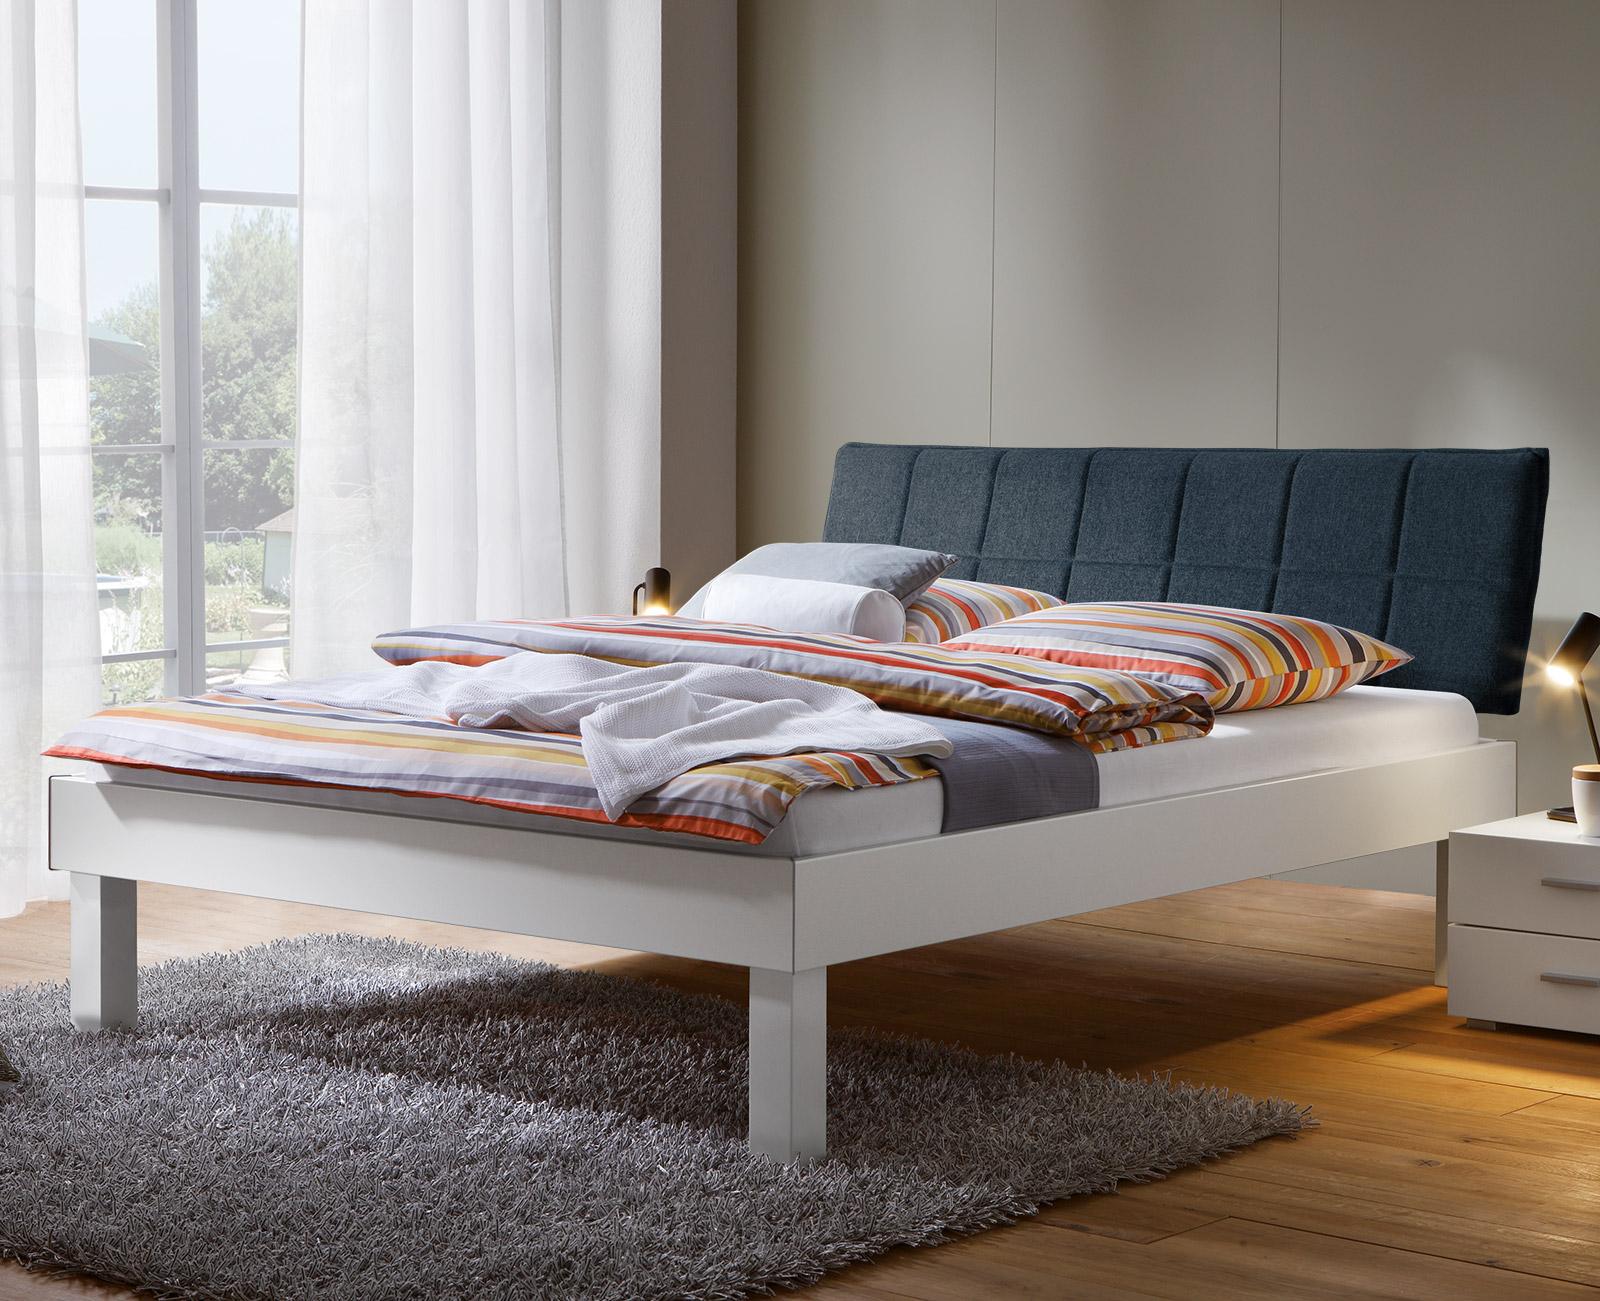 Full Size of Modernes Bett Bettgestell 160x200 Mit Polsterkopfteil Sierra Ausziehbares Ausstellungsstück Barock Himmel 90x200 Weiß 180x200 Rauch Betten 140x200 Bett Modernes Bett